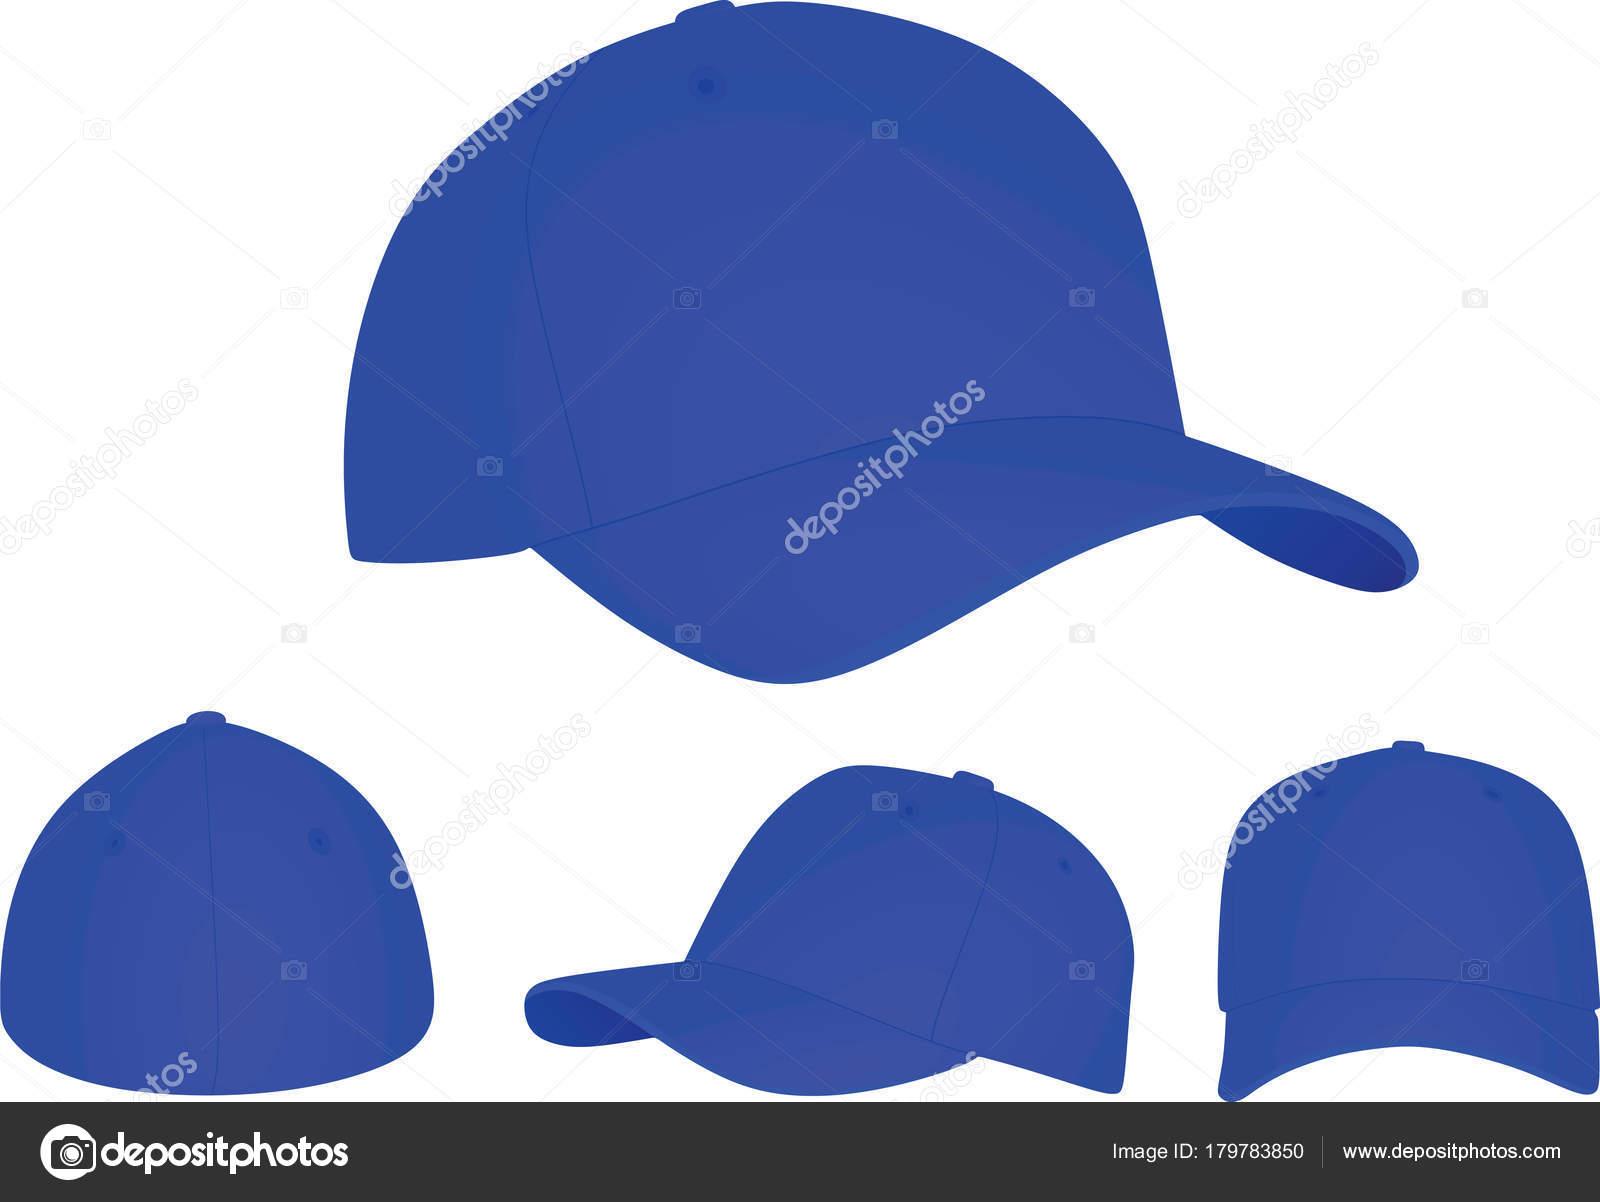 Gorra Béisbol Azul Ilustración Vector — Archivo Imágenes Vectoriales ... e3b3afd8b0c